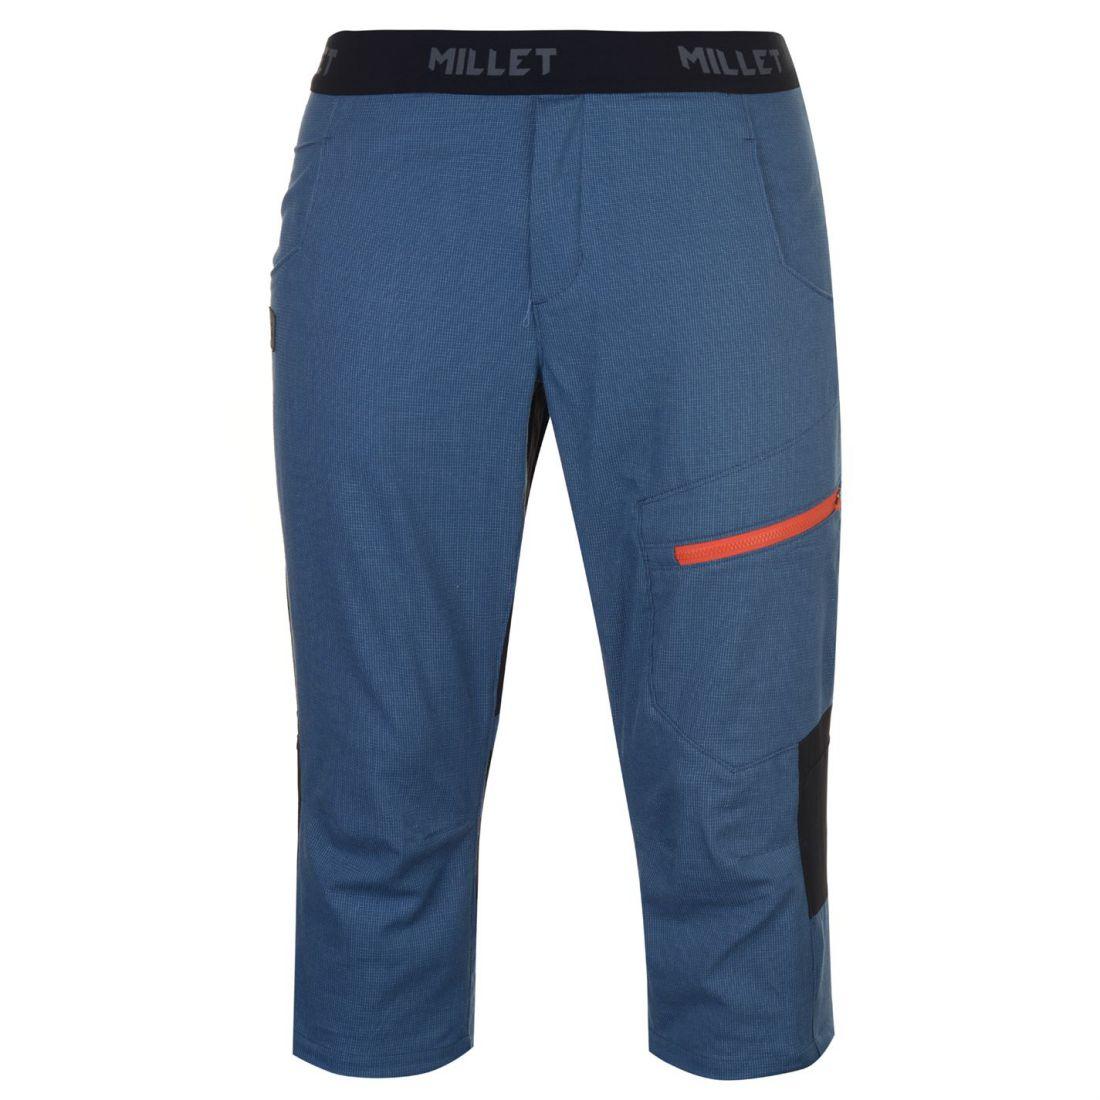 Unito Tre Quarti Di Miglio Amuri Arrampicata Pantaloni Uomo Gents Performance Pantaloncini Pantaloni-mostra Il Titolo Originale